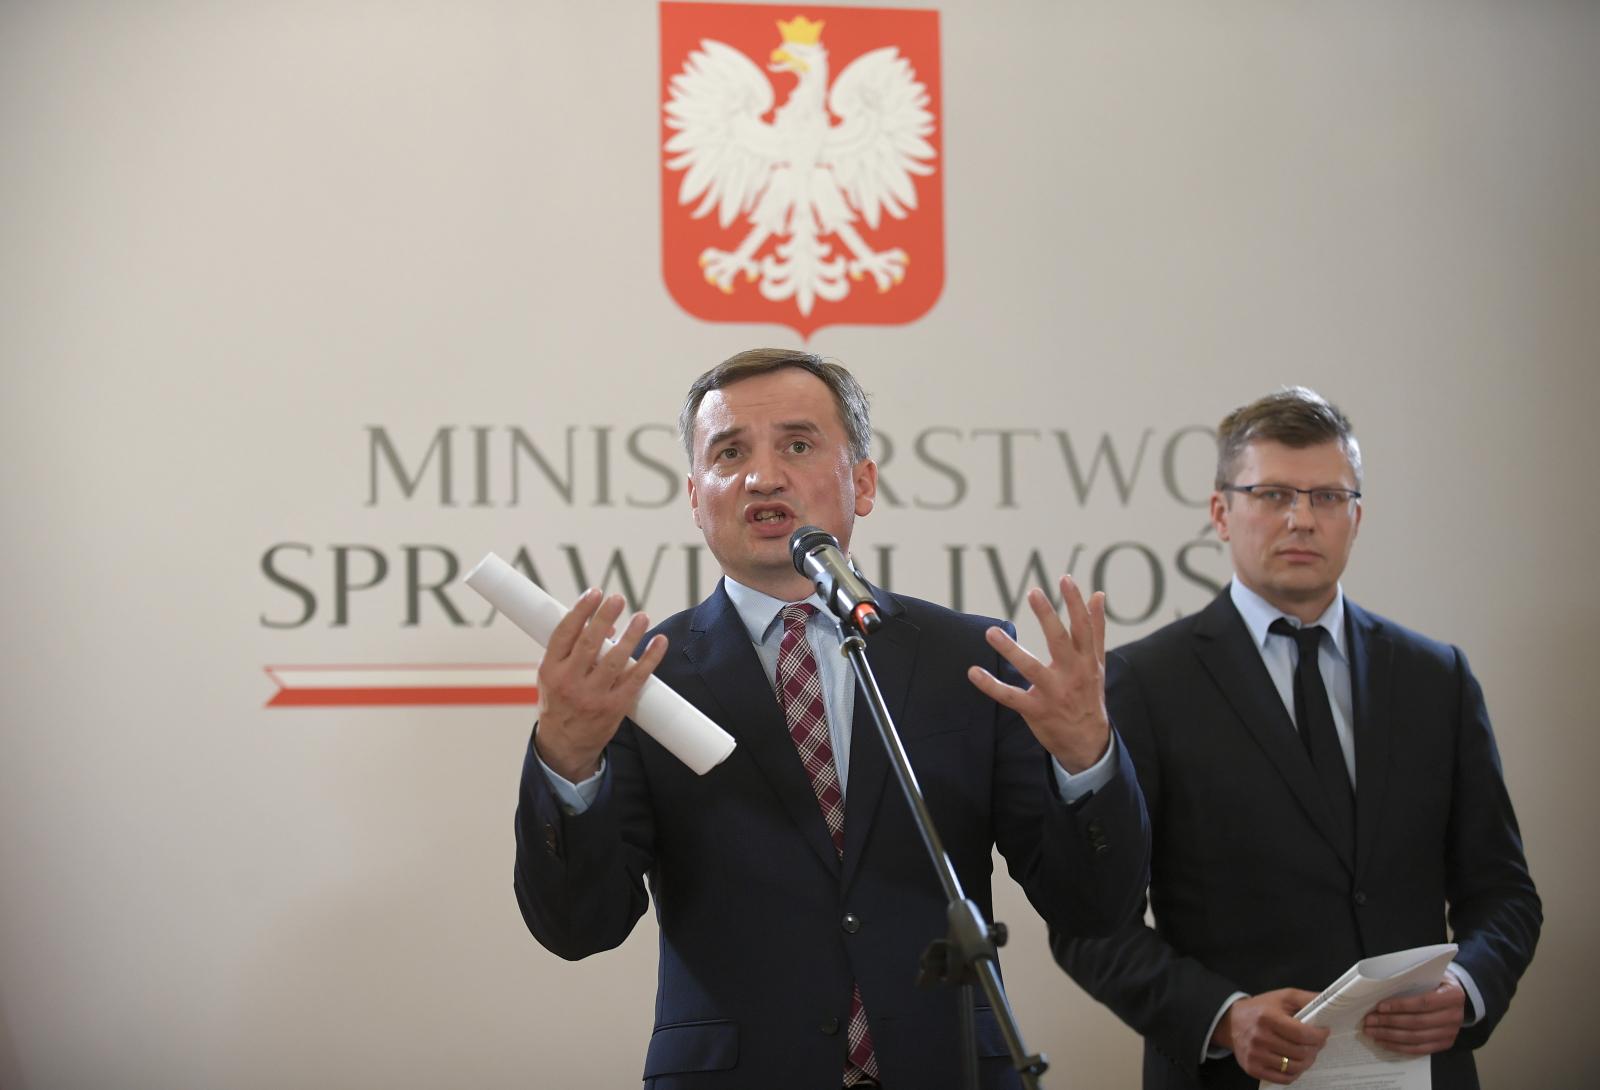 Zbigniew Ziobro i wiceminister sprawiedliwości Marcin Warchoł podczas konferencji prasowej w siedzibie resortu sprawiedliwości w Warszawie